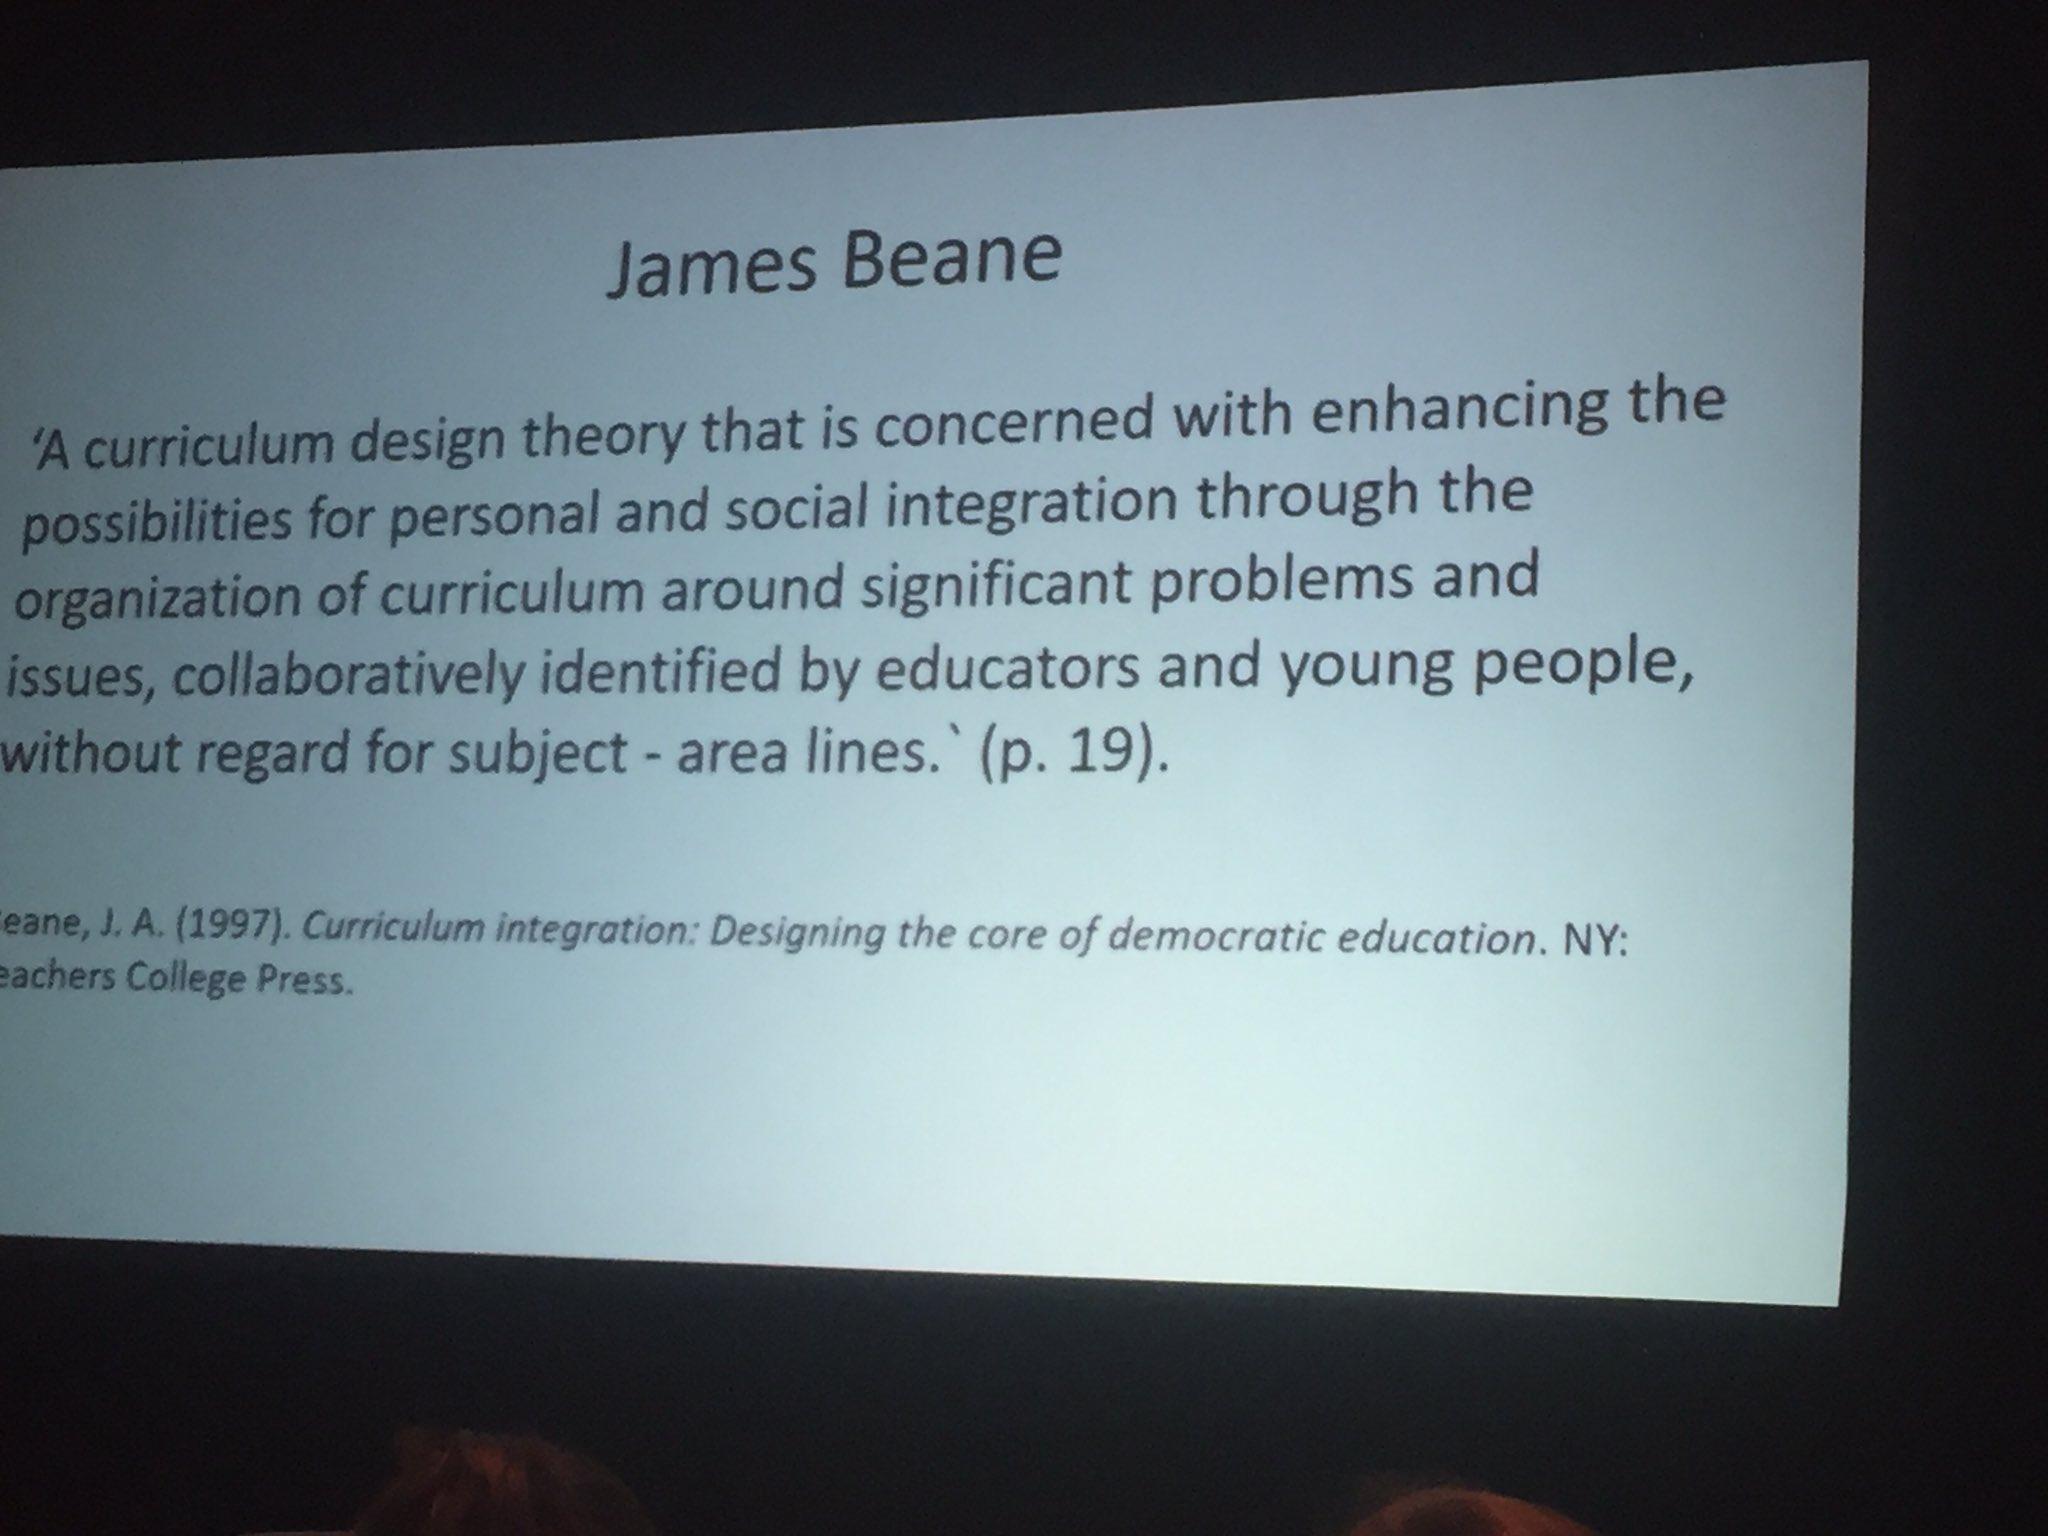 James Beane - Curriculum integration  #acsasym https://t.co/bzWfk0HhSM